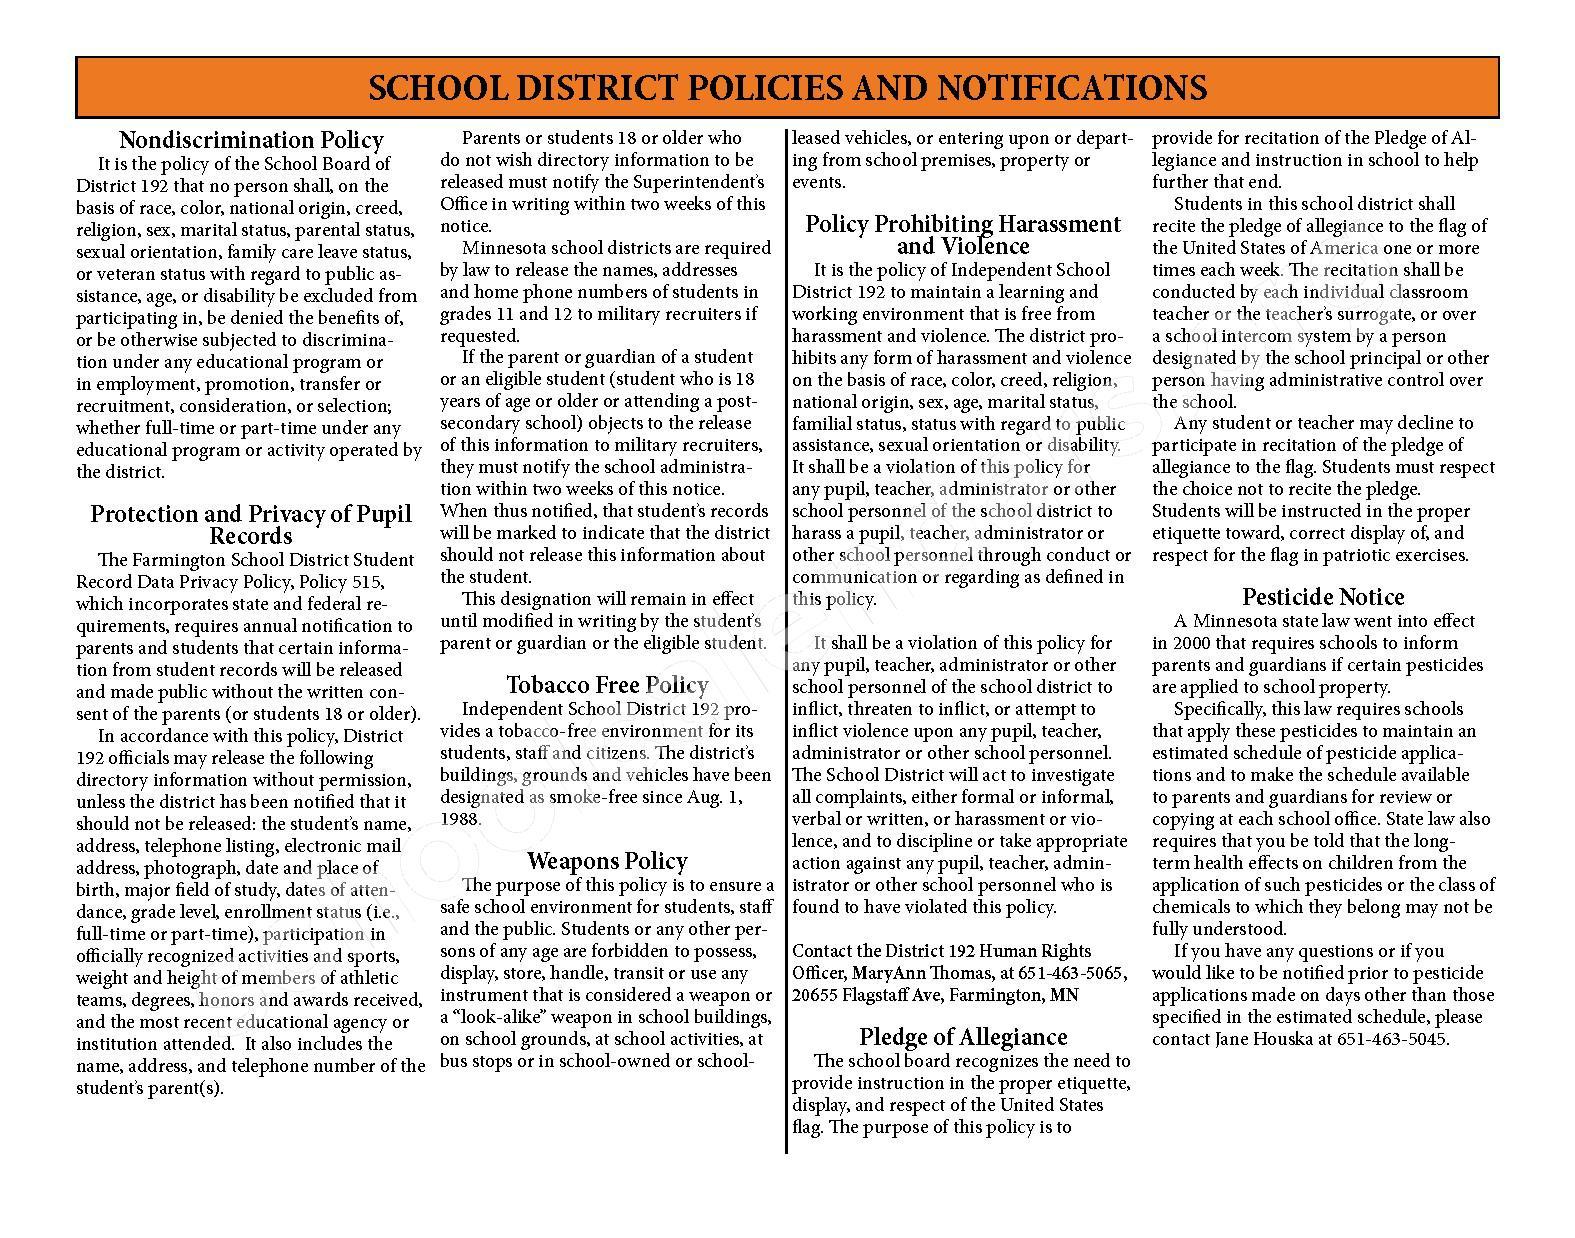 2016 - 2017 District Calendar & Handbook – Farmington Public School District – page 28